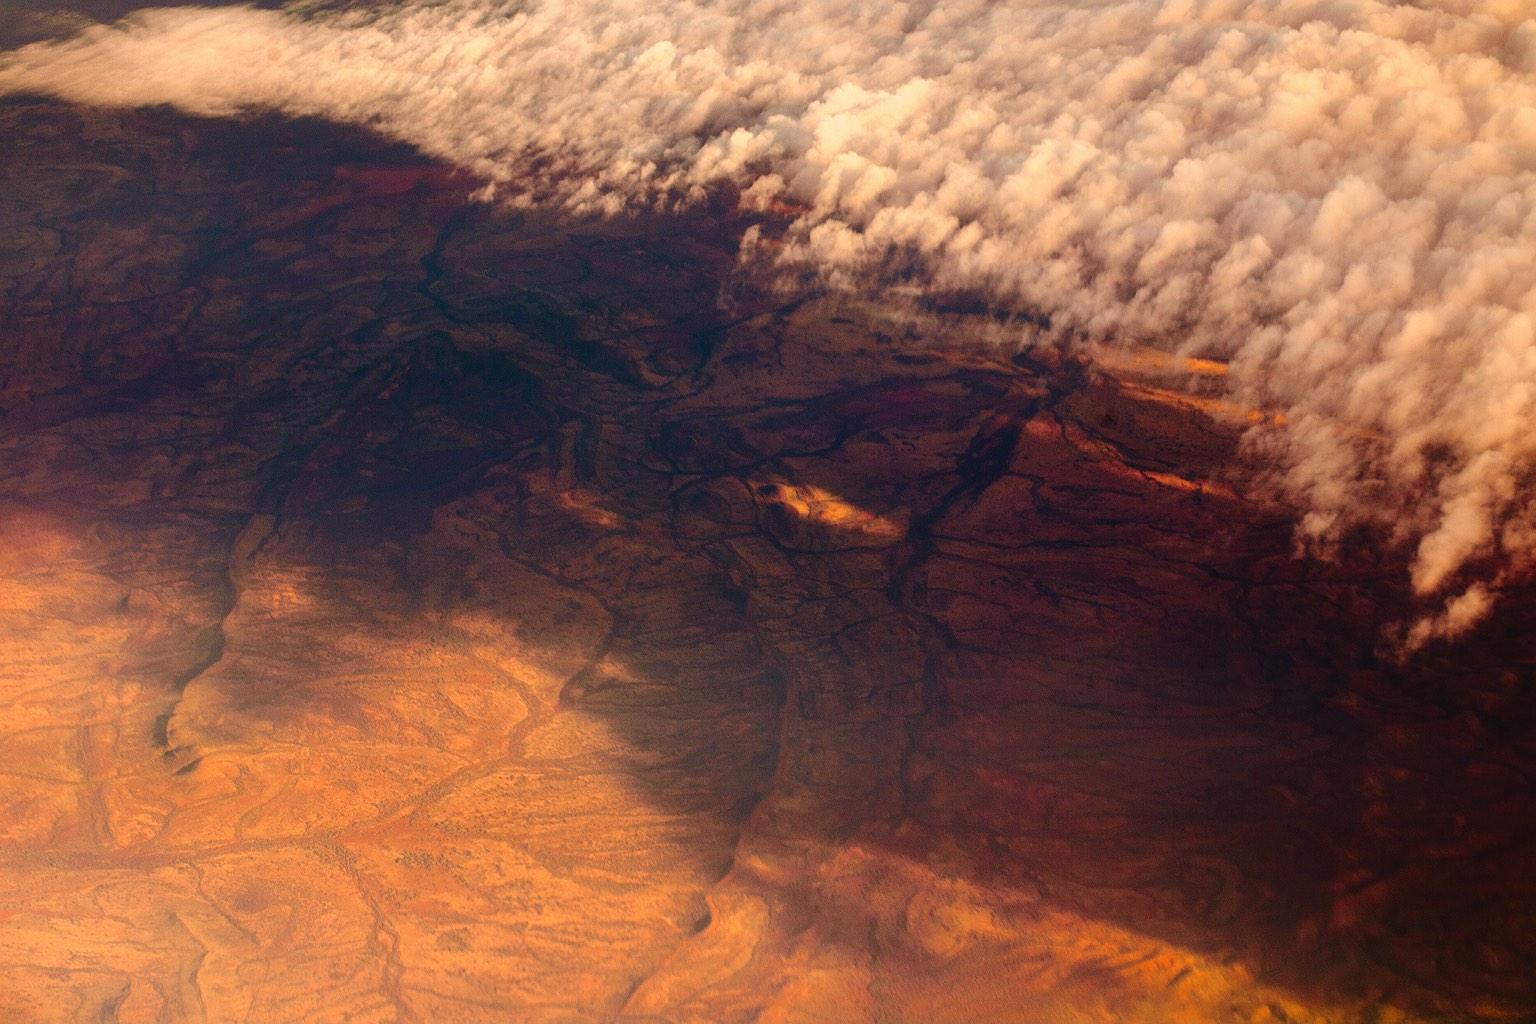 Aerials of the Pilbara